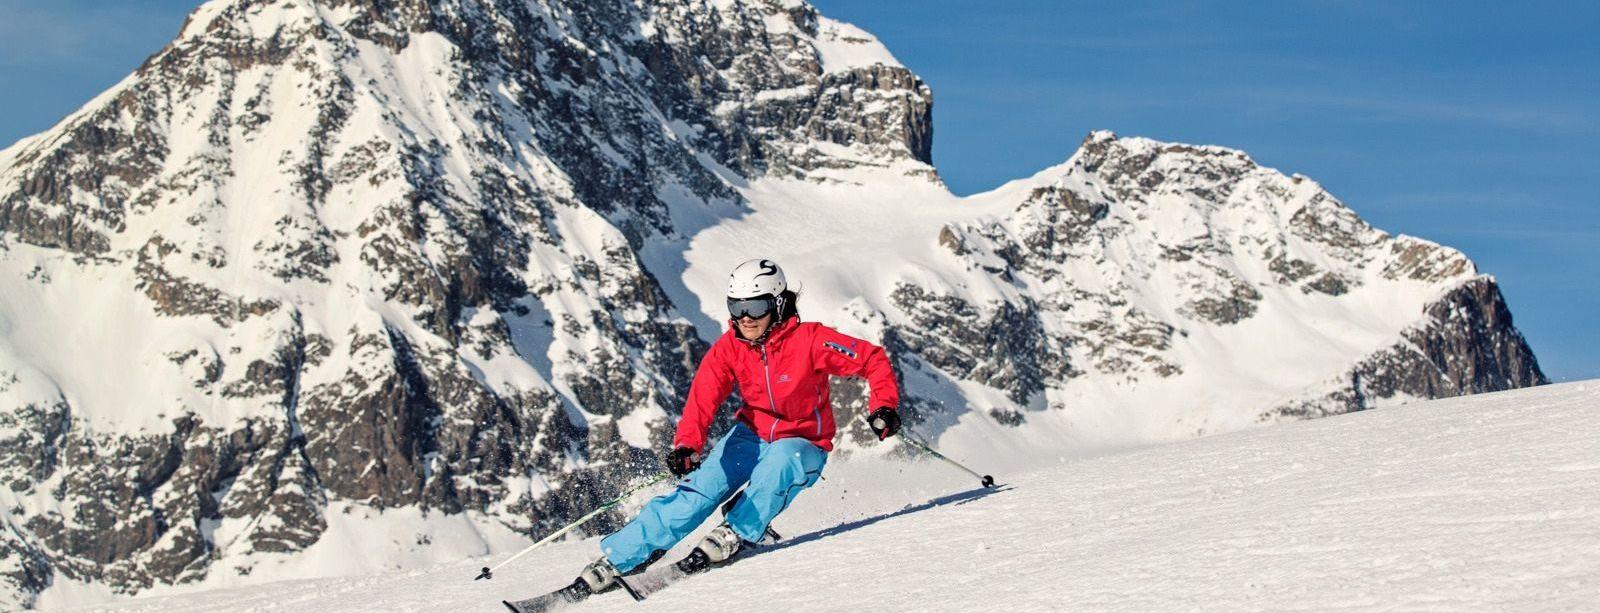 Engadin St. Moritz - Skier